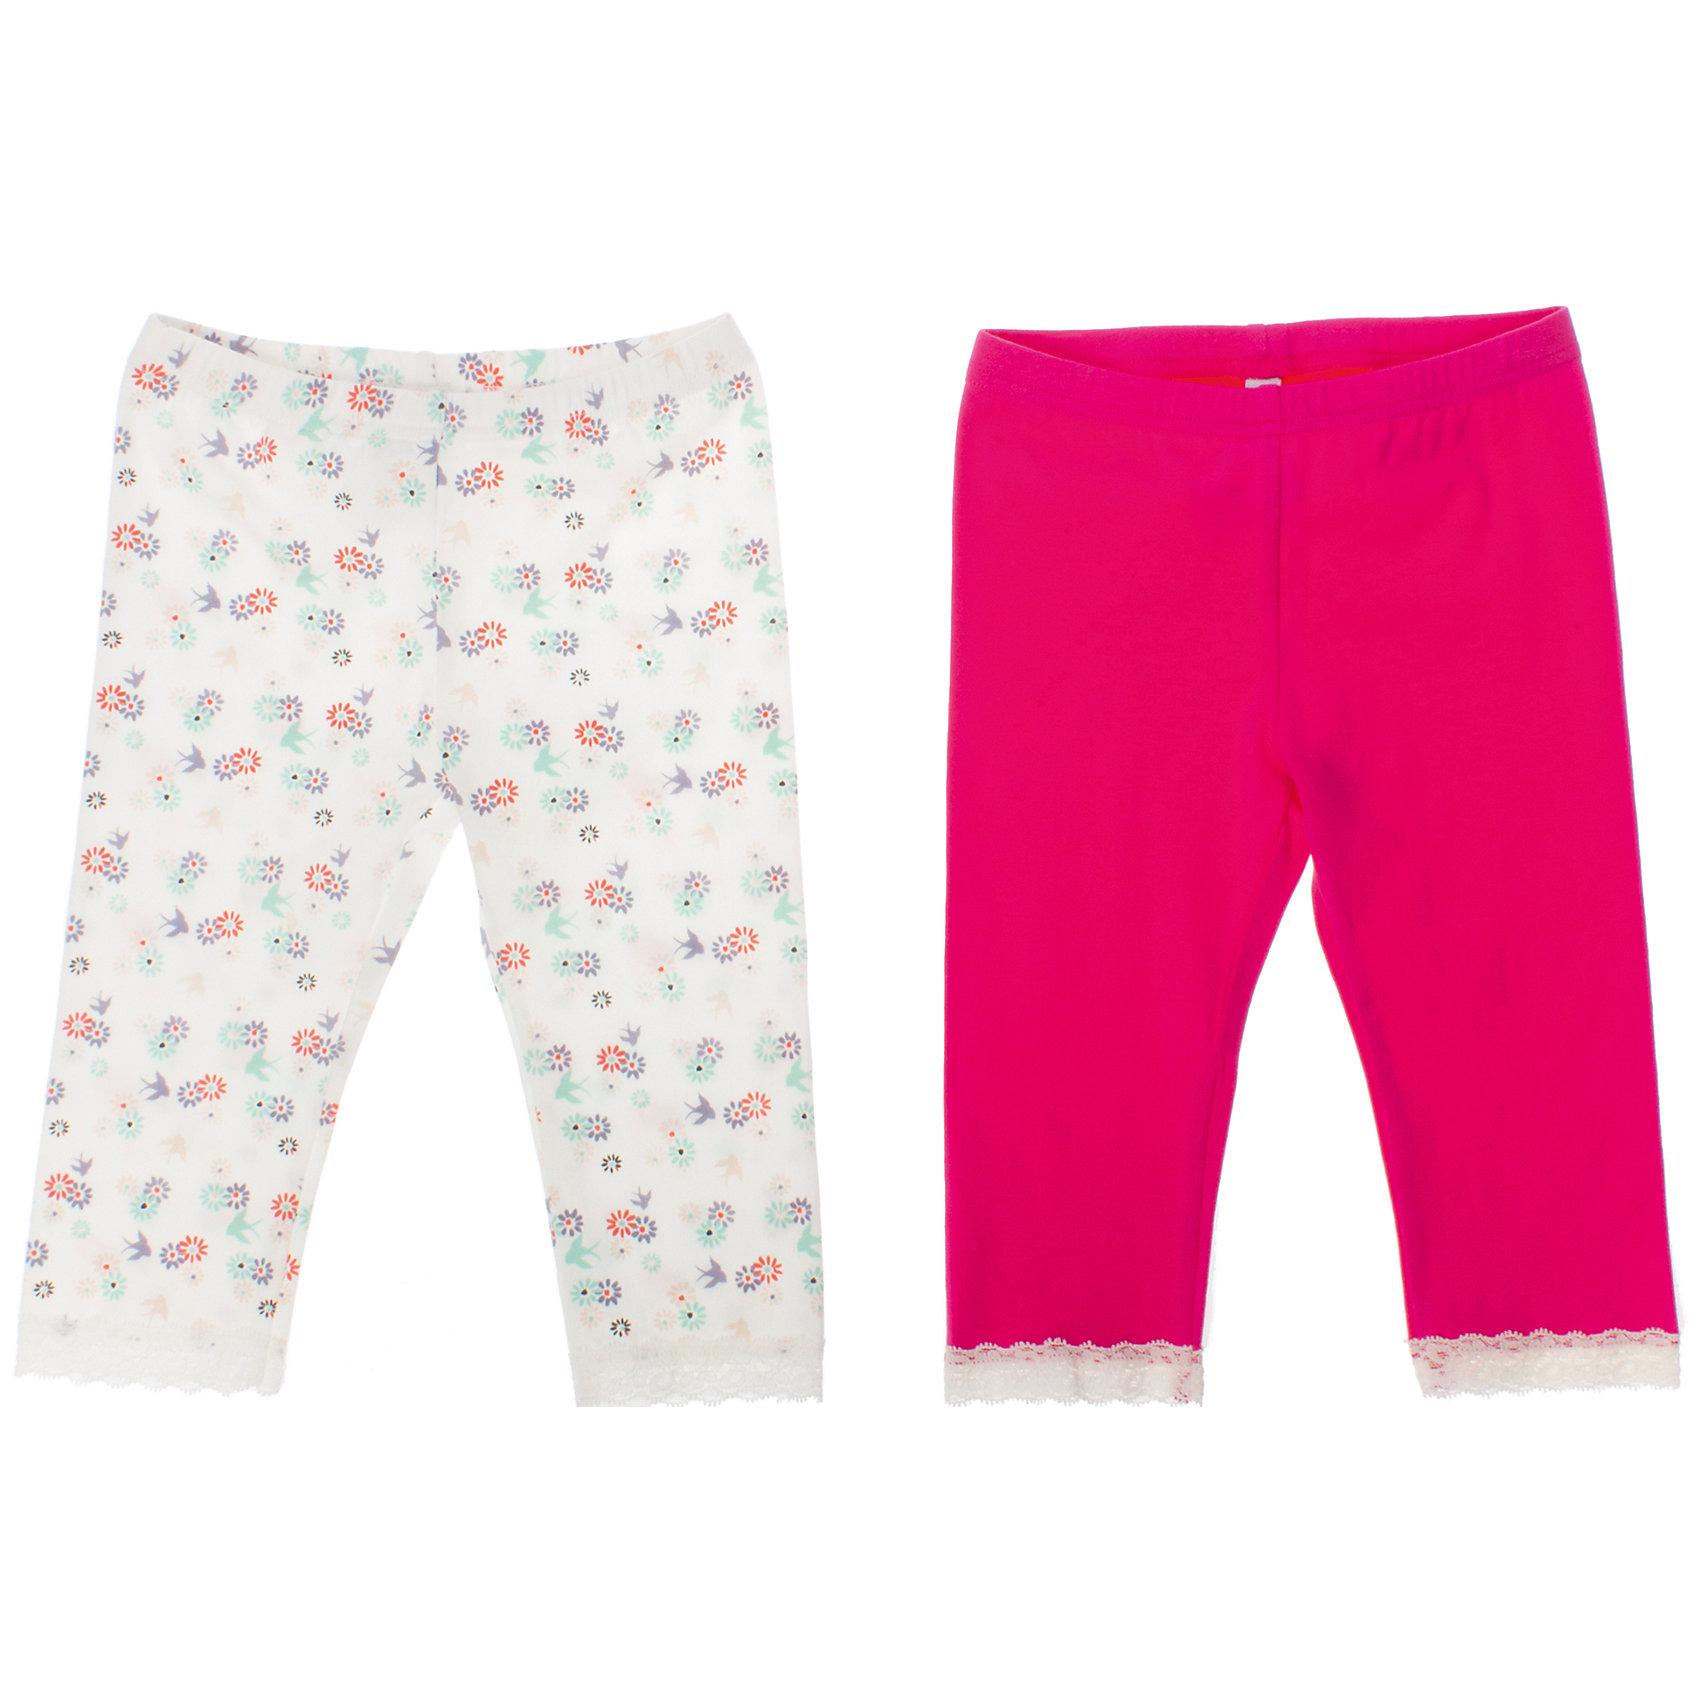 Леггинсы (2 шт.) для девочки PlayTodayЛеггинсы<br>Комплект из двух пар леггинсов. Цвета - розовый и белый с цветочно-ягодным принтом. Низ штанишек украшен кружевами. Пояс на мягкой резинке. Состав: 95% хлопок, 5% эластан<br><br>Ширина мм: 123<br>Глубина мм: 10<br>Высота мм: 149<br>Вес г: 209<br>Цвет: белый<br>Возраст от месяцев: 60<br>Возраст до месяцев: 72<br>Пол: Женский<br>Возраст: Детский<br>Размер: 116,110,128,104,98,122<br>SKU: 4652728